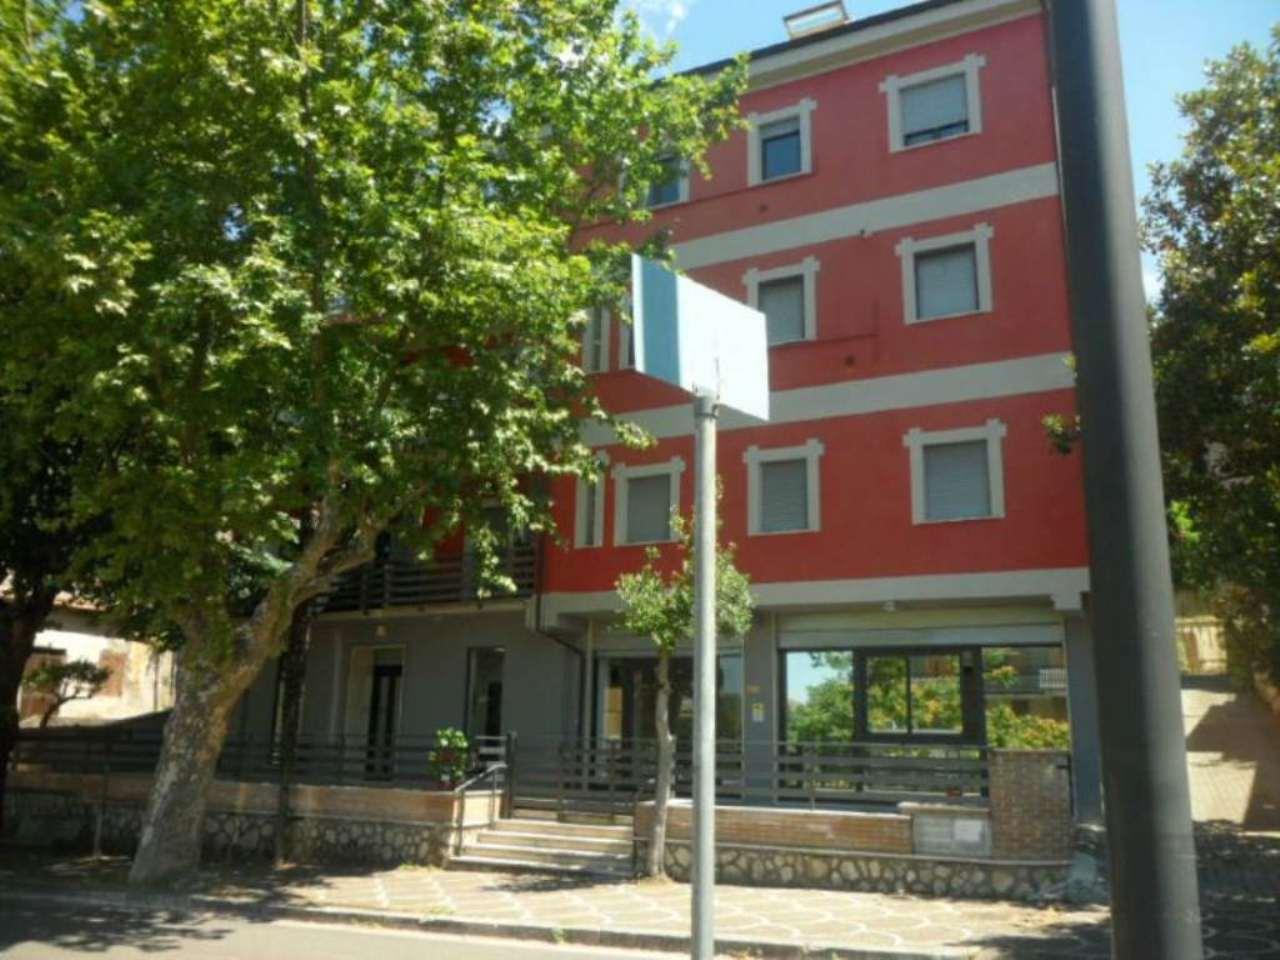 Appartamento in vendita a Fiuggi, 2 locali, prezzo € 48.000 | CambioCasa.it